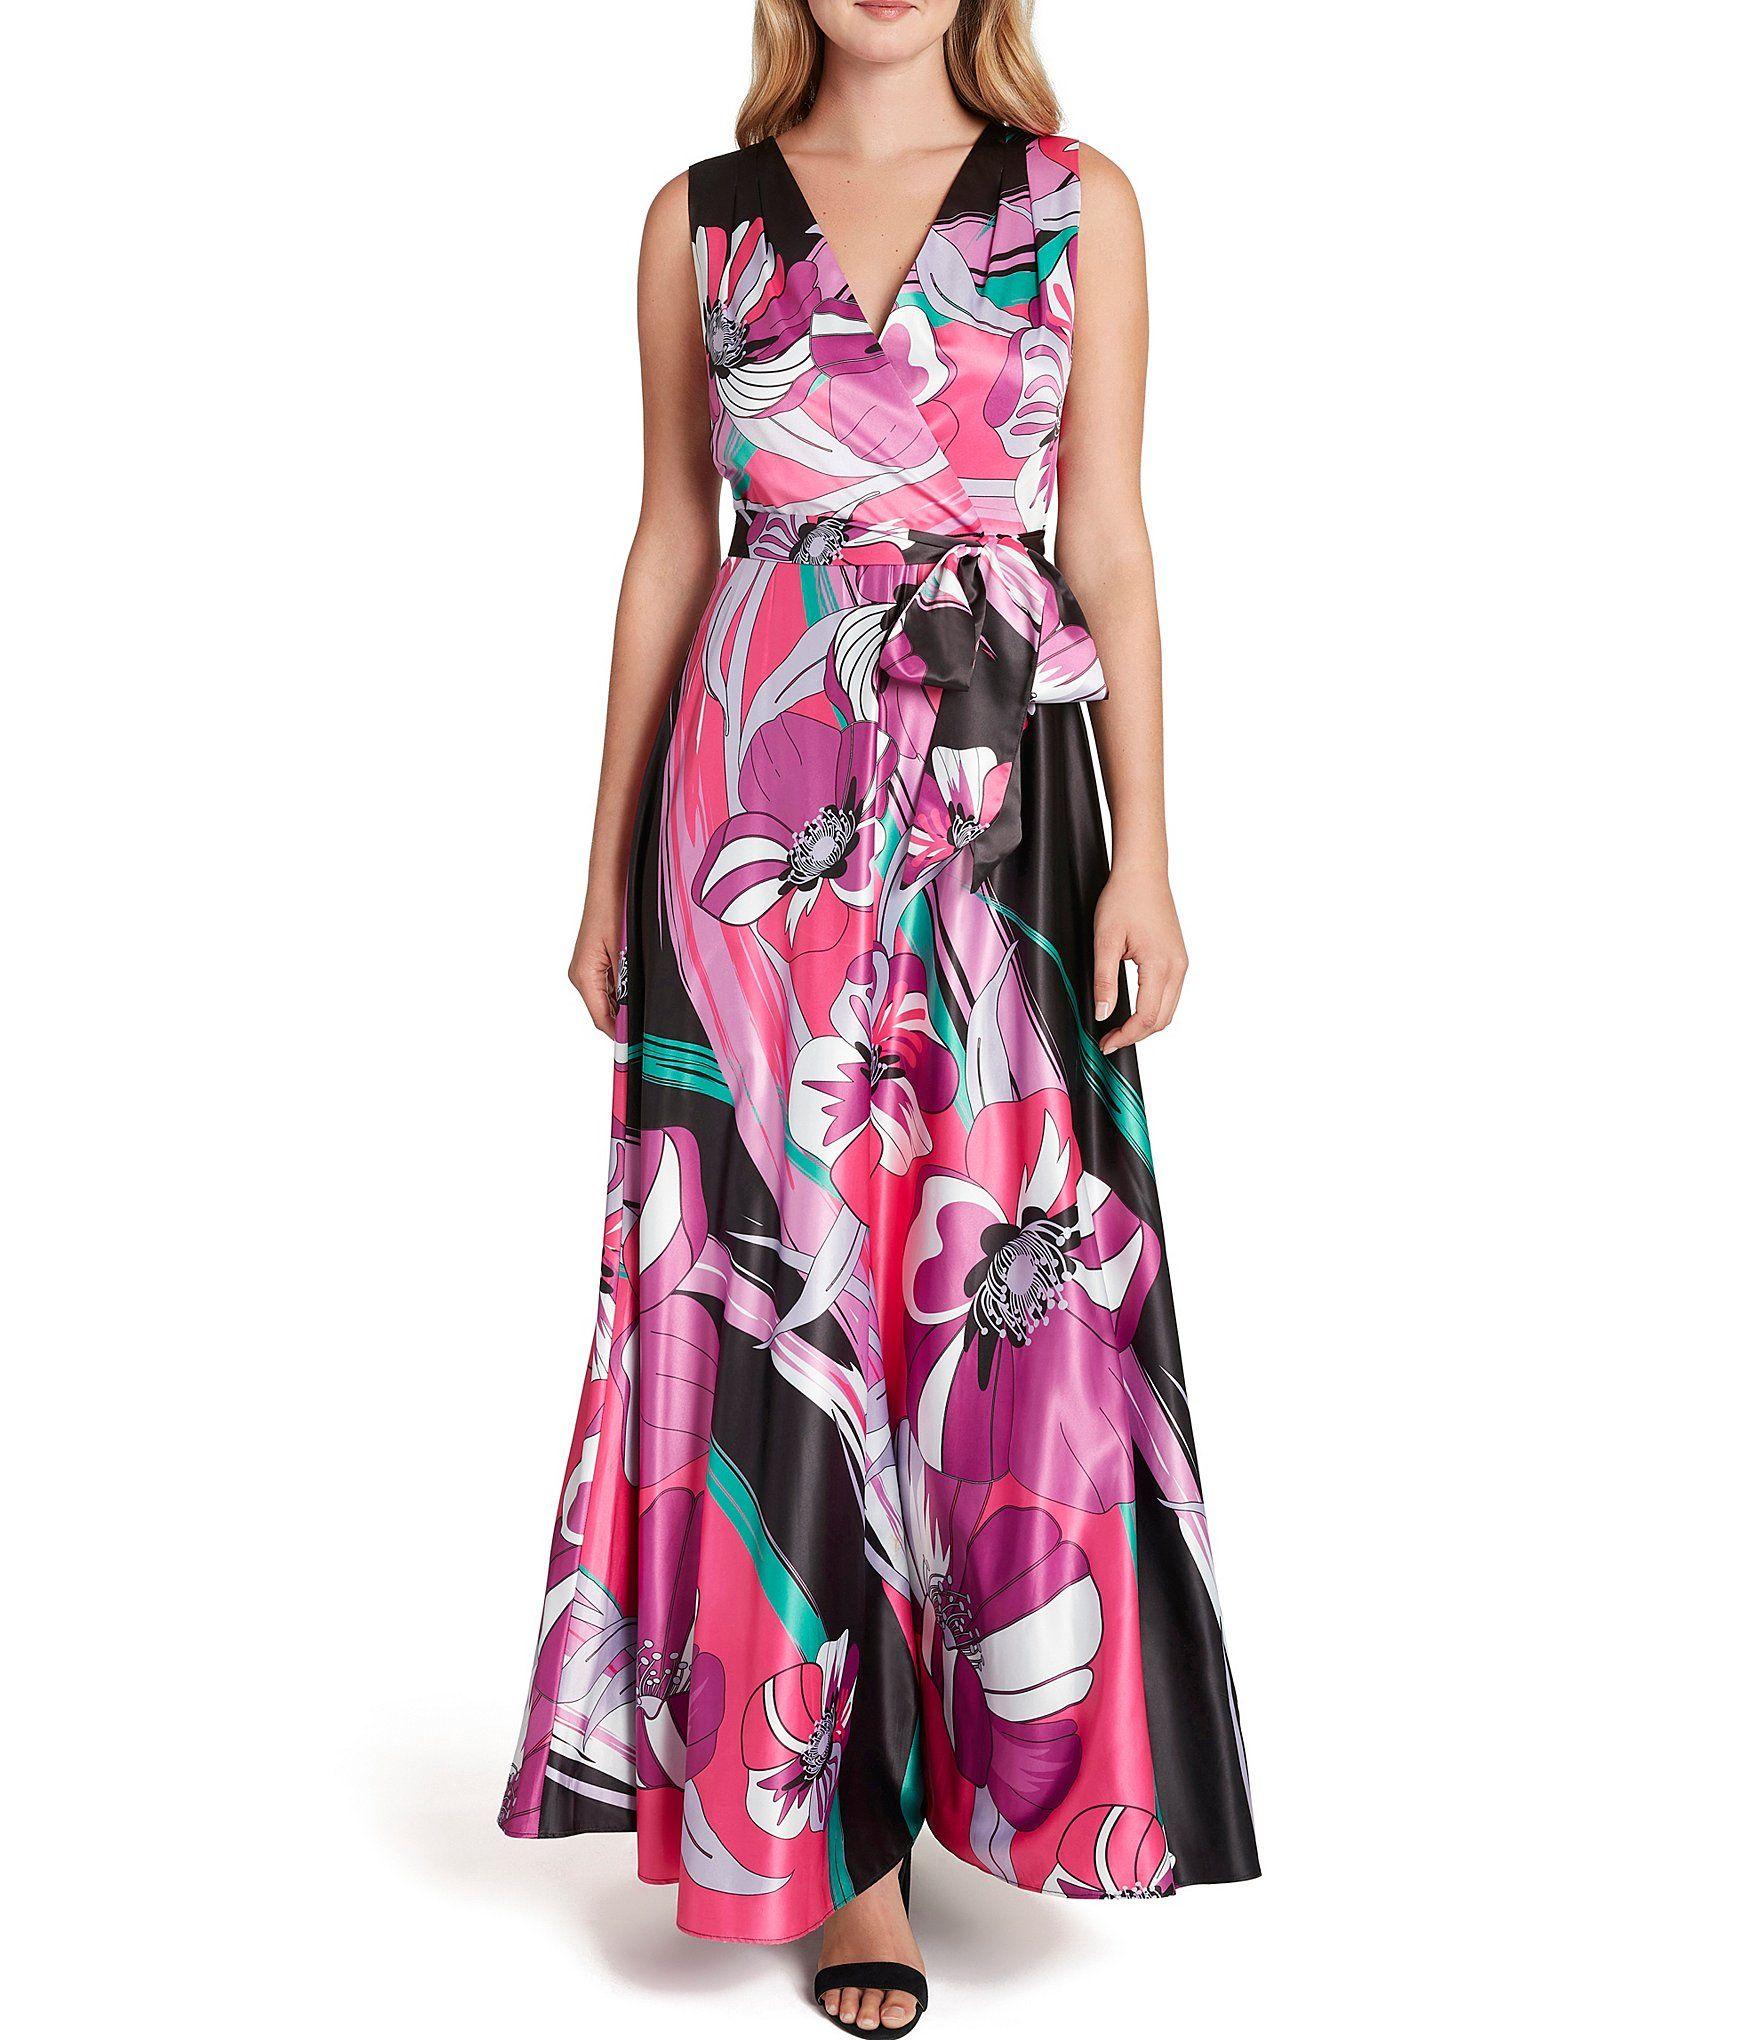 Tahari Asl Floral Print V Neck Tie Waist Charmeuse Maxi Dress Dillard S Maxi Dress Satin Maxi Dress Floral Maxi Dress [ 2040 x 1760 Pixel ]